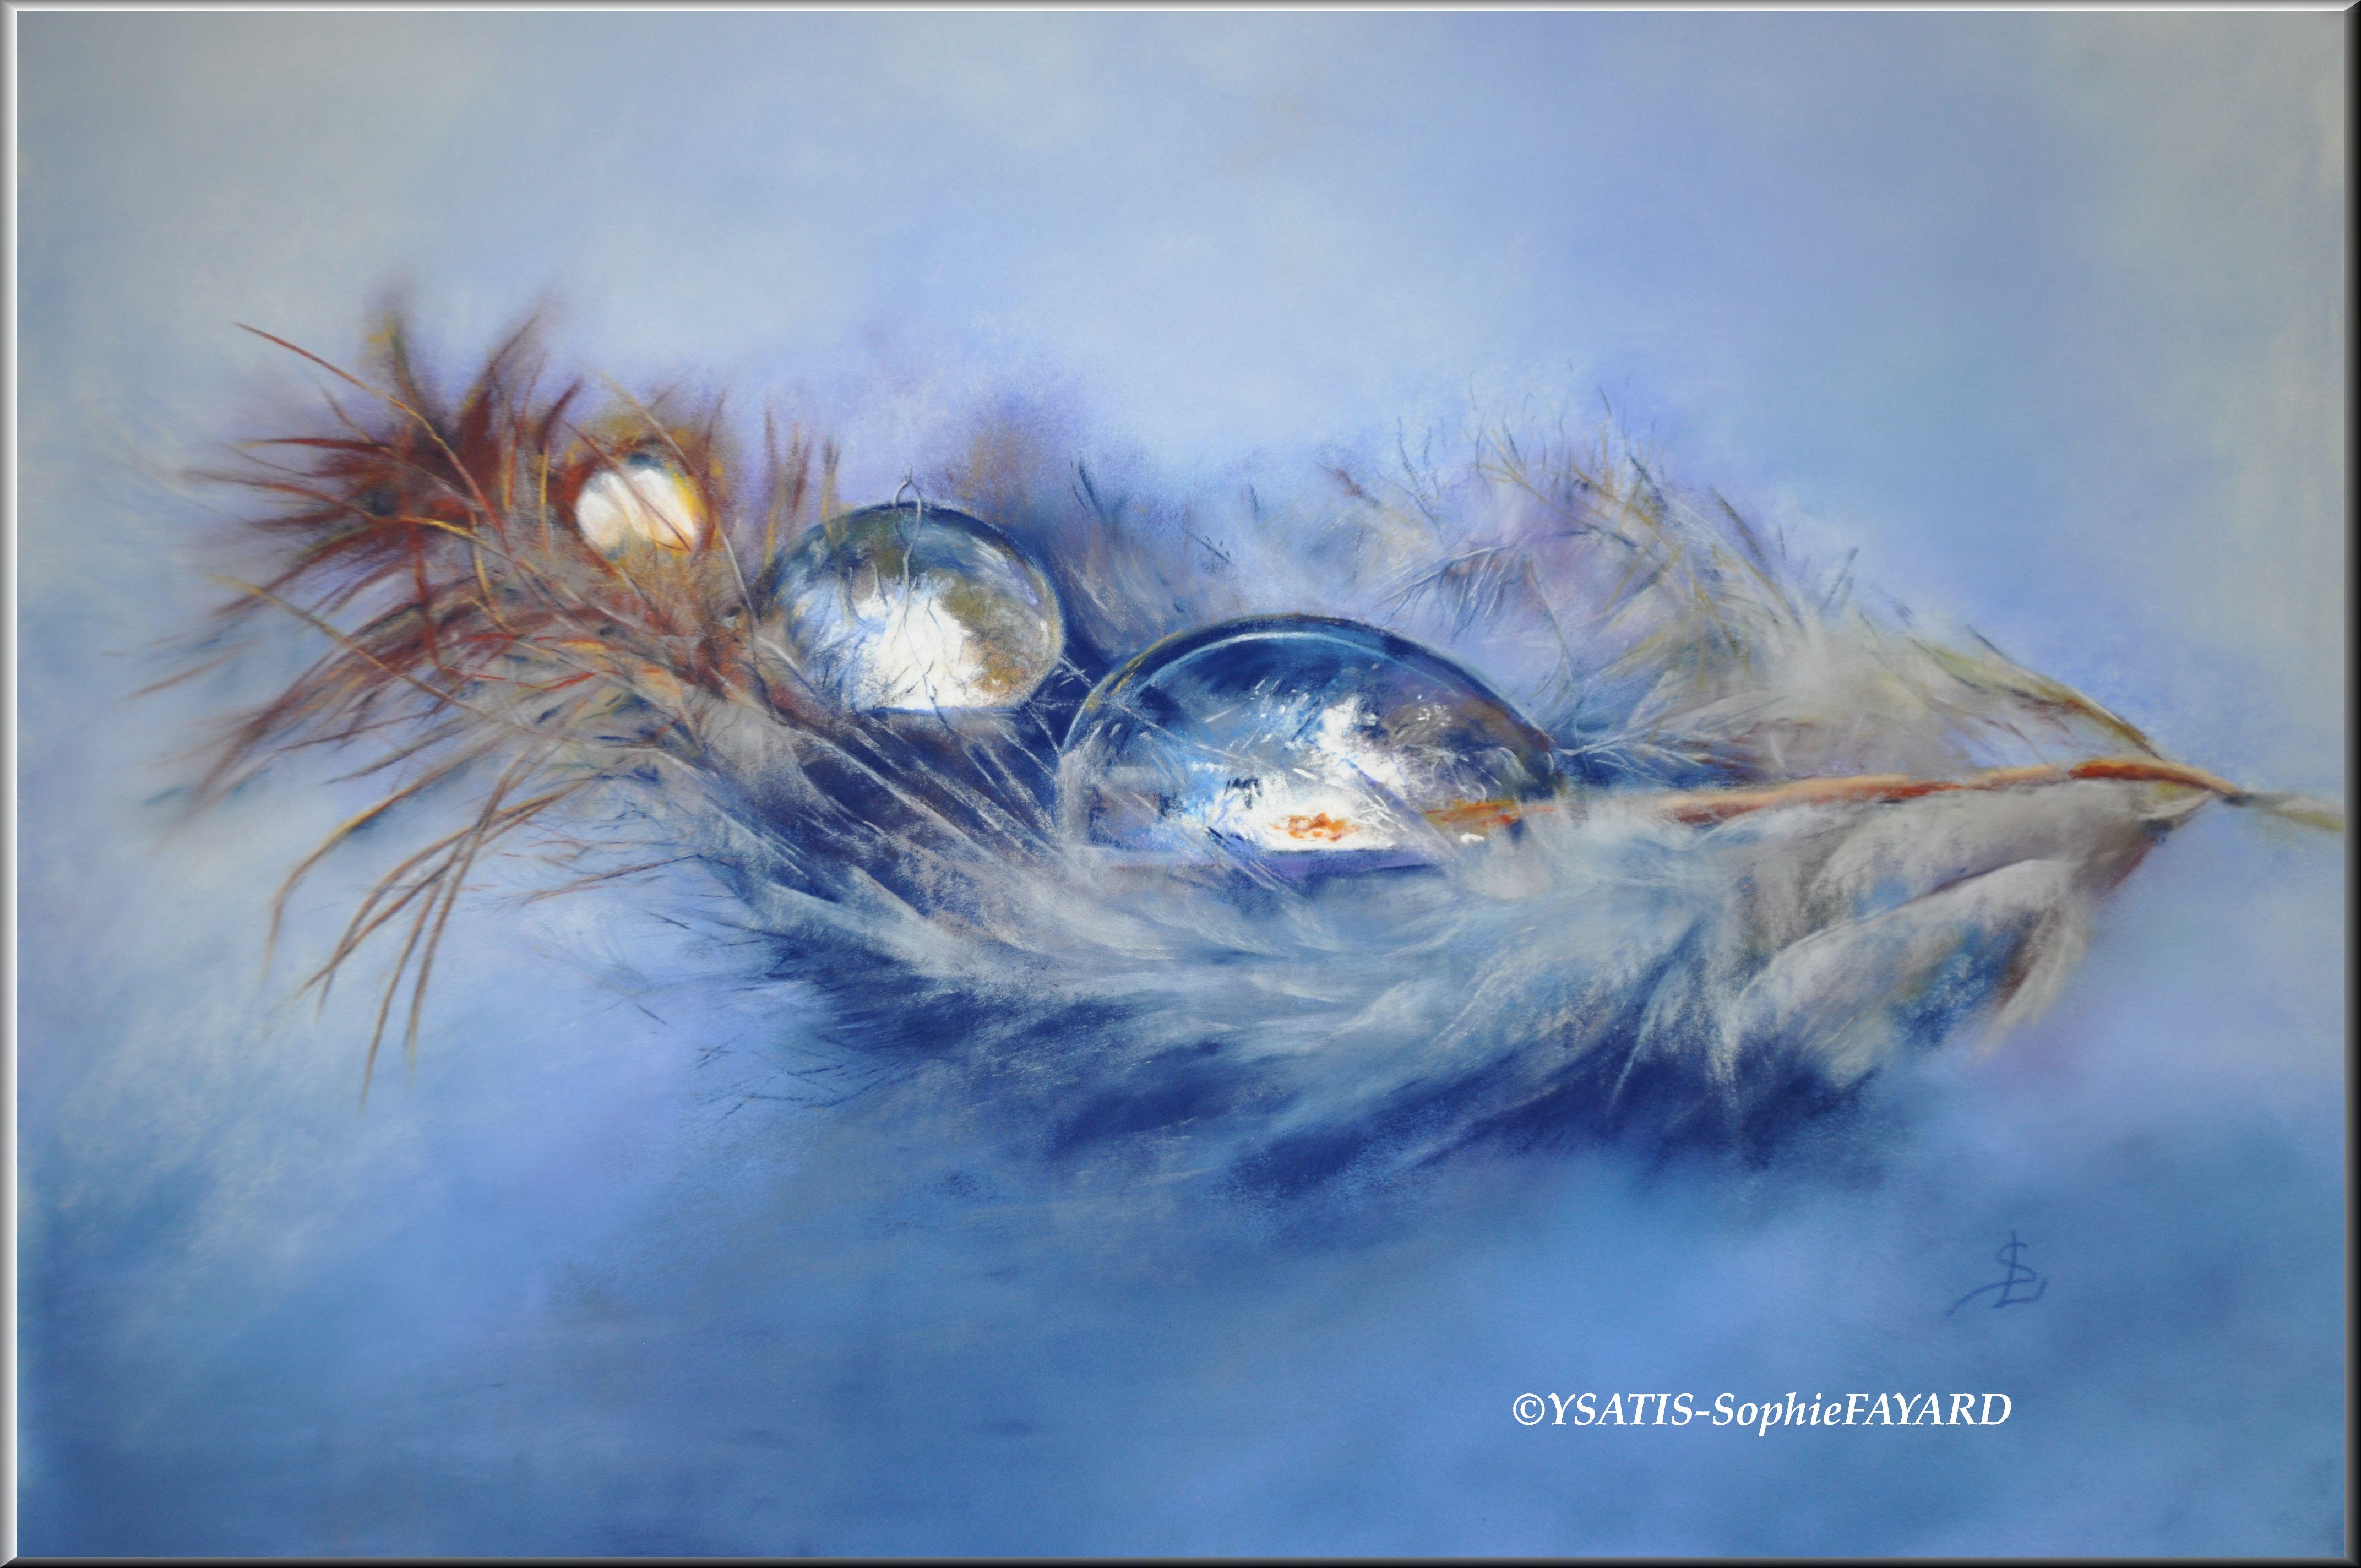 Fragilité, reflet de la beauté